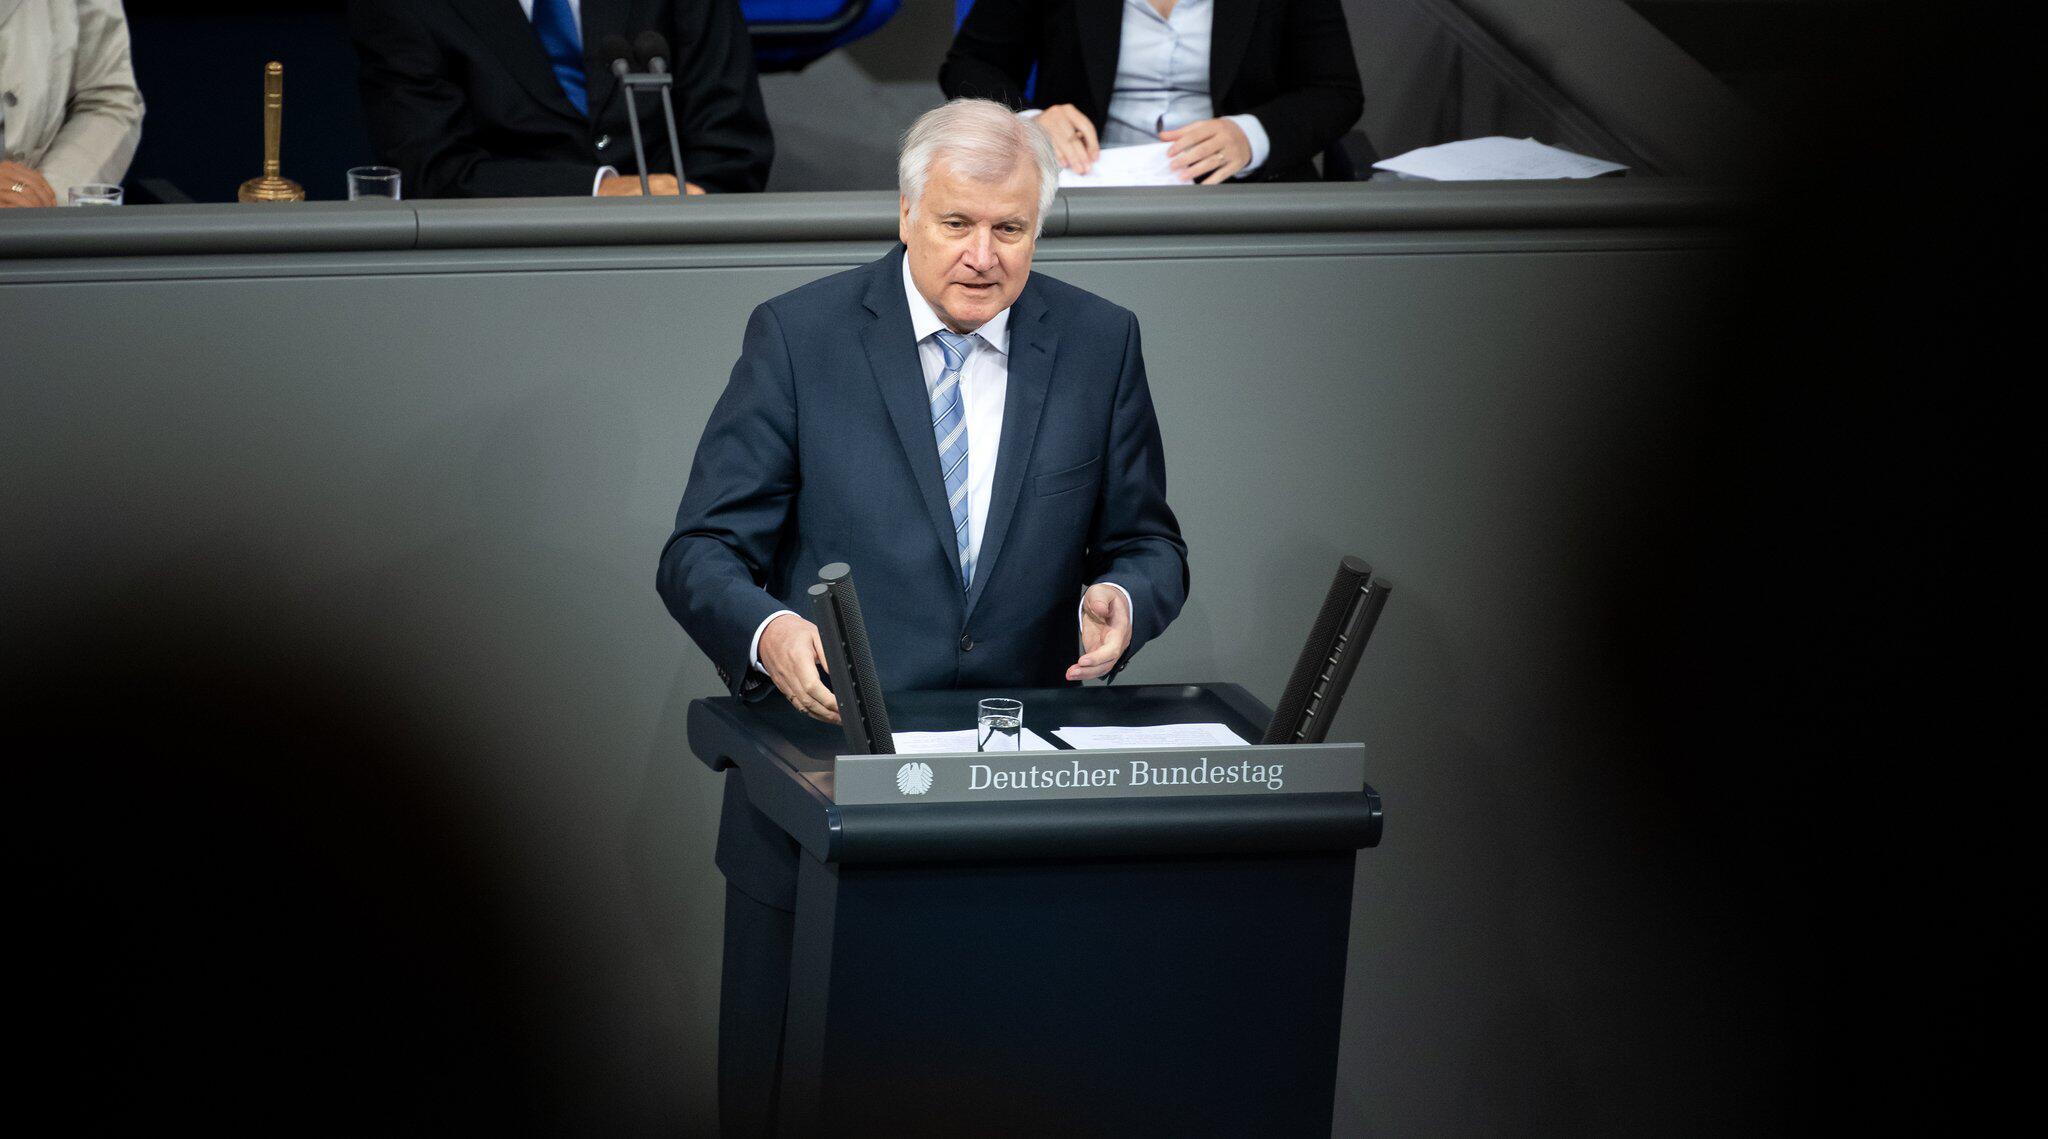 Bild zu Bundestag - Fortsetzung Haushaltswoche